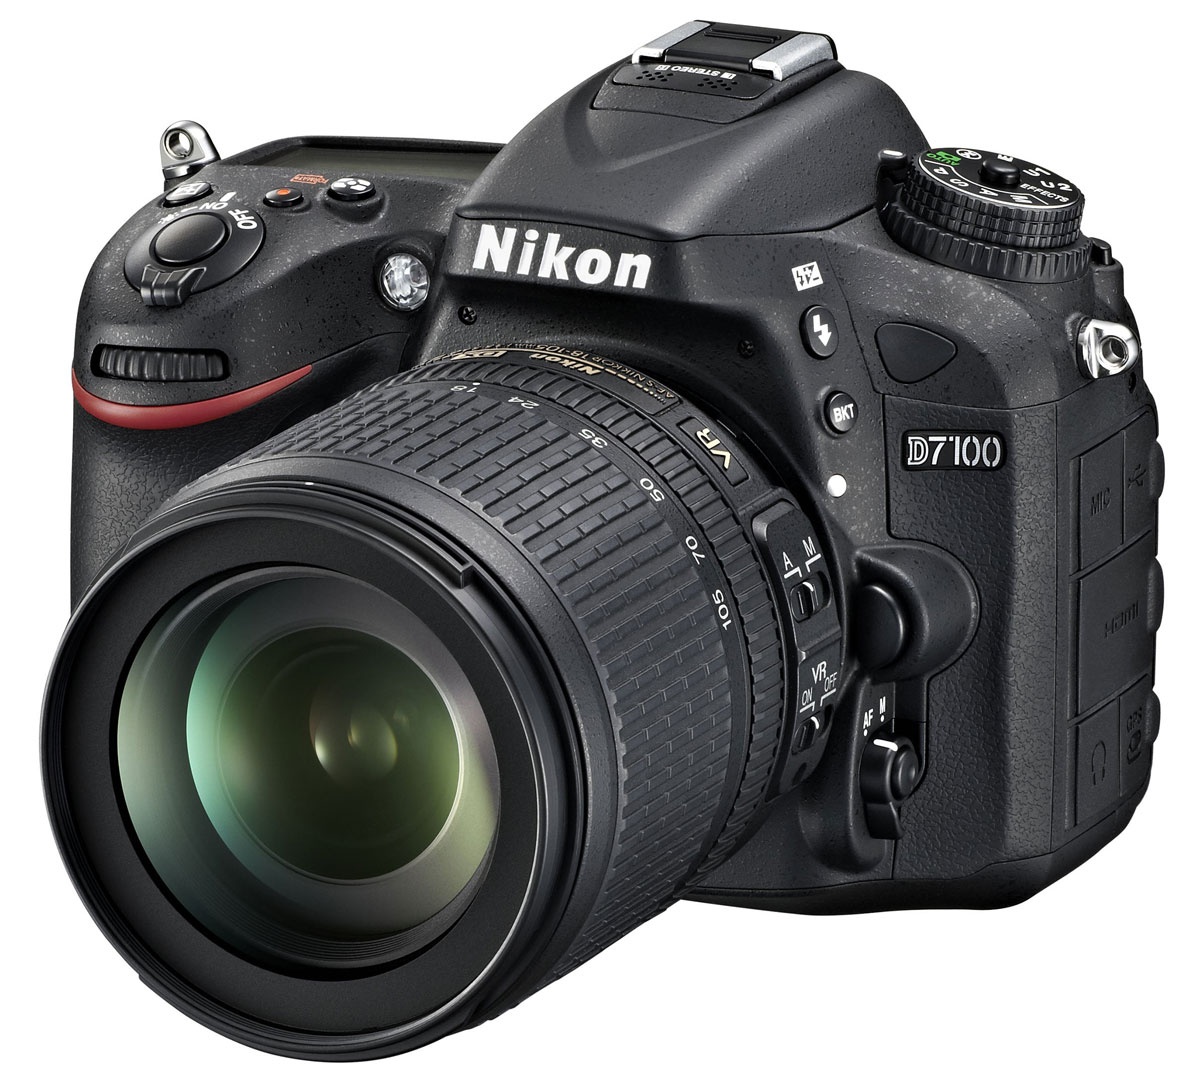 Nikon D7100 Kit 18-105 VR цифровая зеркальная фотокамераVBA360K001Производительная 24,1-мегапиксельная фотокамера Nikon D7100 формата DX позволит любителям фотосъемки создавать незабываемые динамичные фотографии. Эта многофункциональная, чрезвычайно легкая и компактная модель, заключенная в прочный корпус, позволяет расширить возможности фотосъемки. Благодаря 51-точечной системе АФ фотокамеры Nikon D7100 Вы можете воплощать в жизнь свое творческое видение на профессиональном уровне и при этом получать превосходные фотографии с высоким уровнем детализации, а также четкие и резкие видеоролики в формате Full HD.Расширенные возможности для получения изображений превосходного качества:Фотокамера Nikon D7100 оснащена множеством различных функций, благодаря которым перед Вами открываются неограниченные возможности для съемки, а также достигается невиданное ранее качество изображений. Мощная КМОП-матрица формата DX с разрешением 24,1 мегапикселя гарантирует получение резких и детализированных изображений. За счет того, что не применяется оптический низкочастотный фильтр (OLPF), мегапиксели матрицы используются максимально, и это позволяет достичь необычайно высокого разрешения. Полученные изображения отличаются исключительной резкостью, что обеспечивает сверхвысокую передачу даже таких текстур с мельчайшими деталями, как волосы или перья. Кроме того, использование процессора EXPEED 3 для обработки изображений обеспечивает высокоскоростную работу фотокамеры, а также точное воспроизведение цвета и более эффективное понижение шума.Профессиональная 51-точечная система автофокусировки:Система АФ фотокамеры Nikon D7100 обеспечивает производительность, характерную для профессиональных фотокамер, за счет использования того же алгоритма, который применяется в фотокамерах D4. Использование 51 точки фокусировки с 15 датчиками перекрестного типа в центральной зоне позволяет достичь идеальной точности и «захвата» объекта. Более быстрое начальное определение АФ позволяет быстро сфокусиро